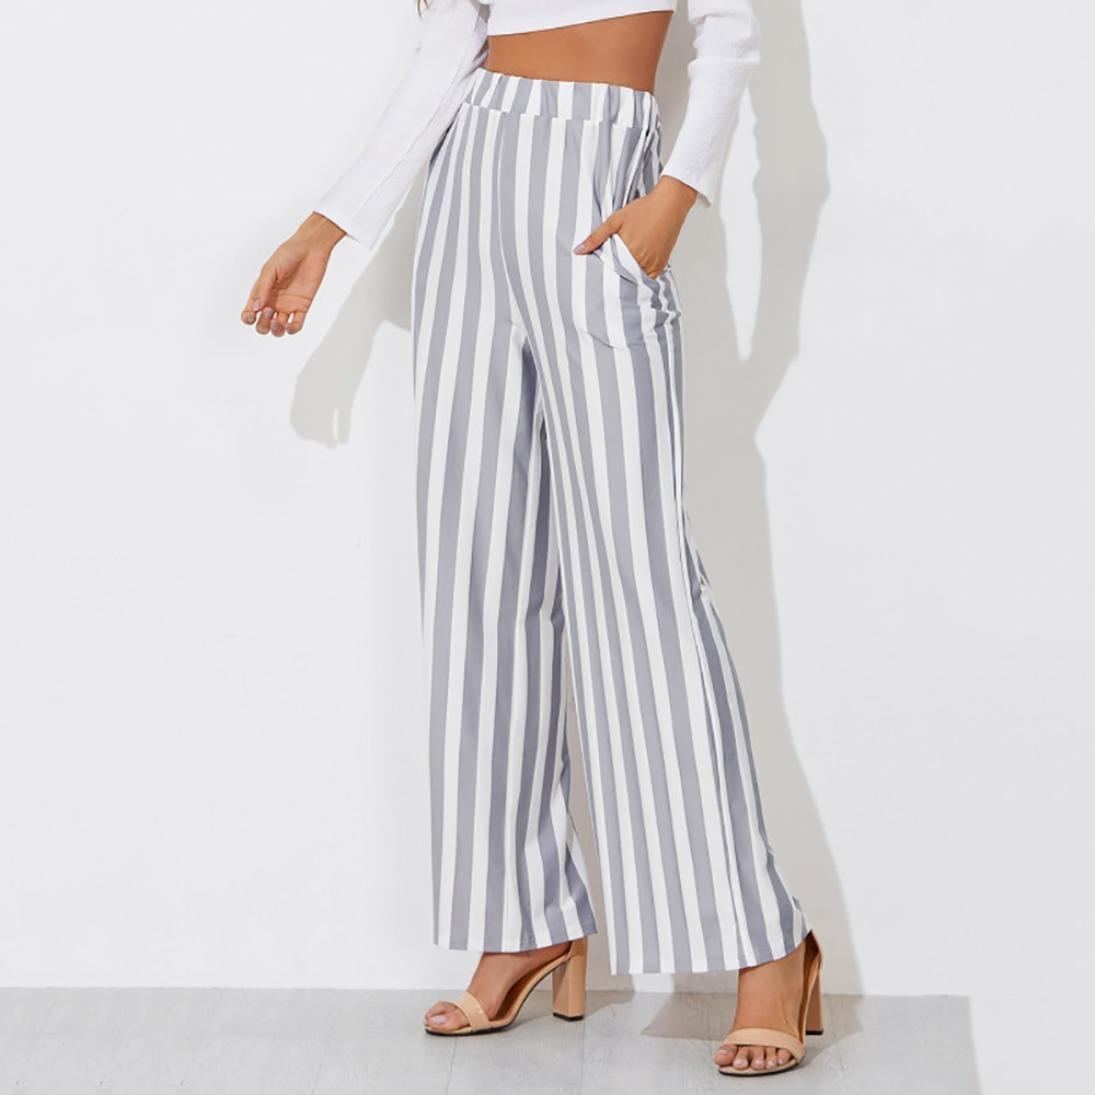 d67a684511 DAYLIN Pantalones Anchos Mujer Casual Moda Pantalones a Rayas para Verano